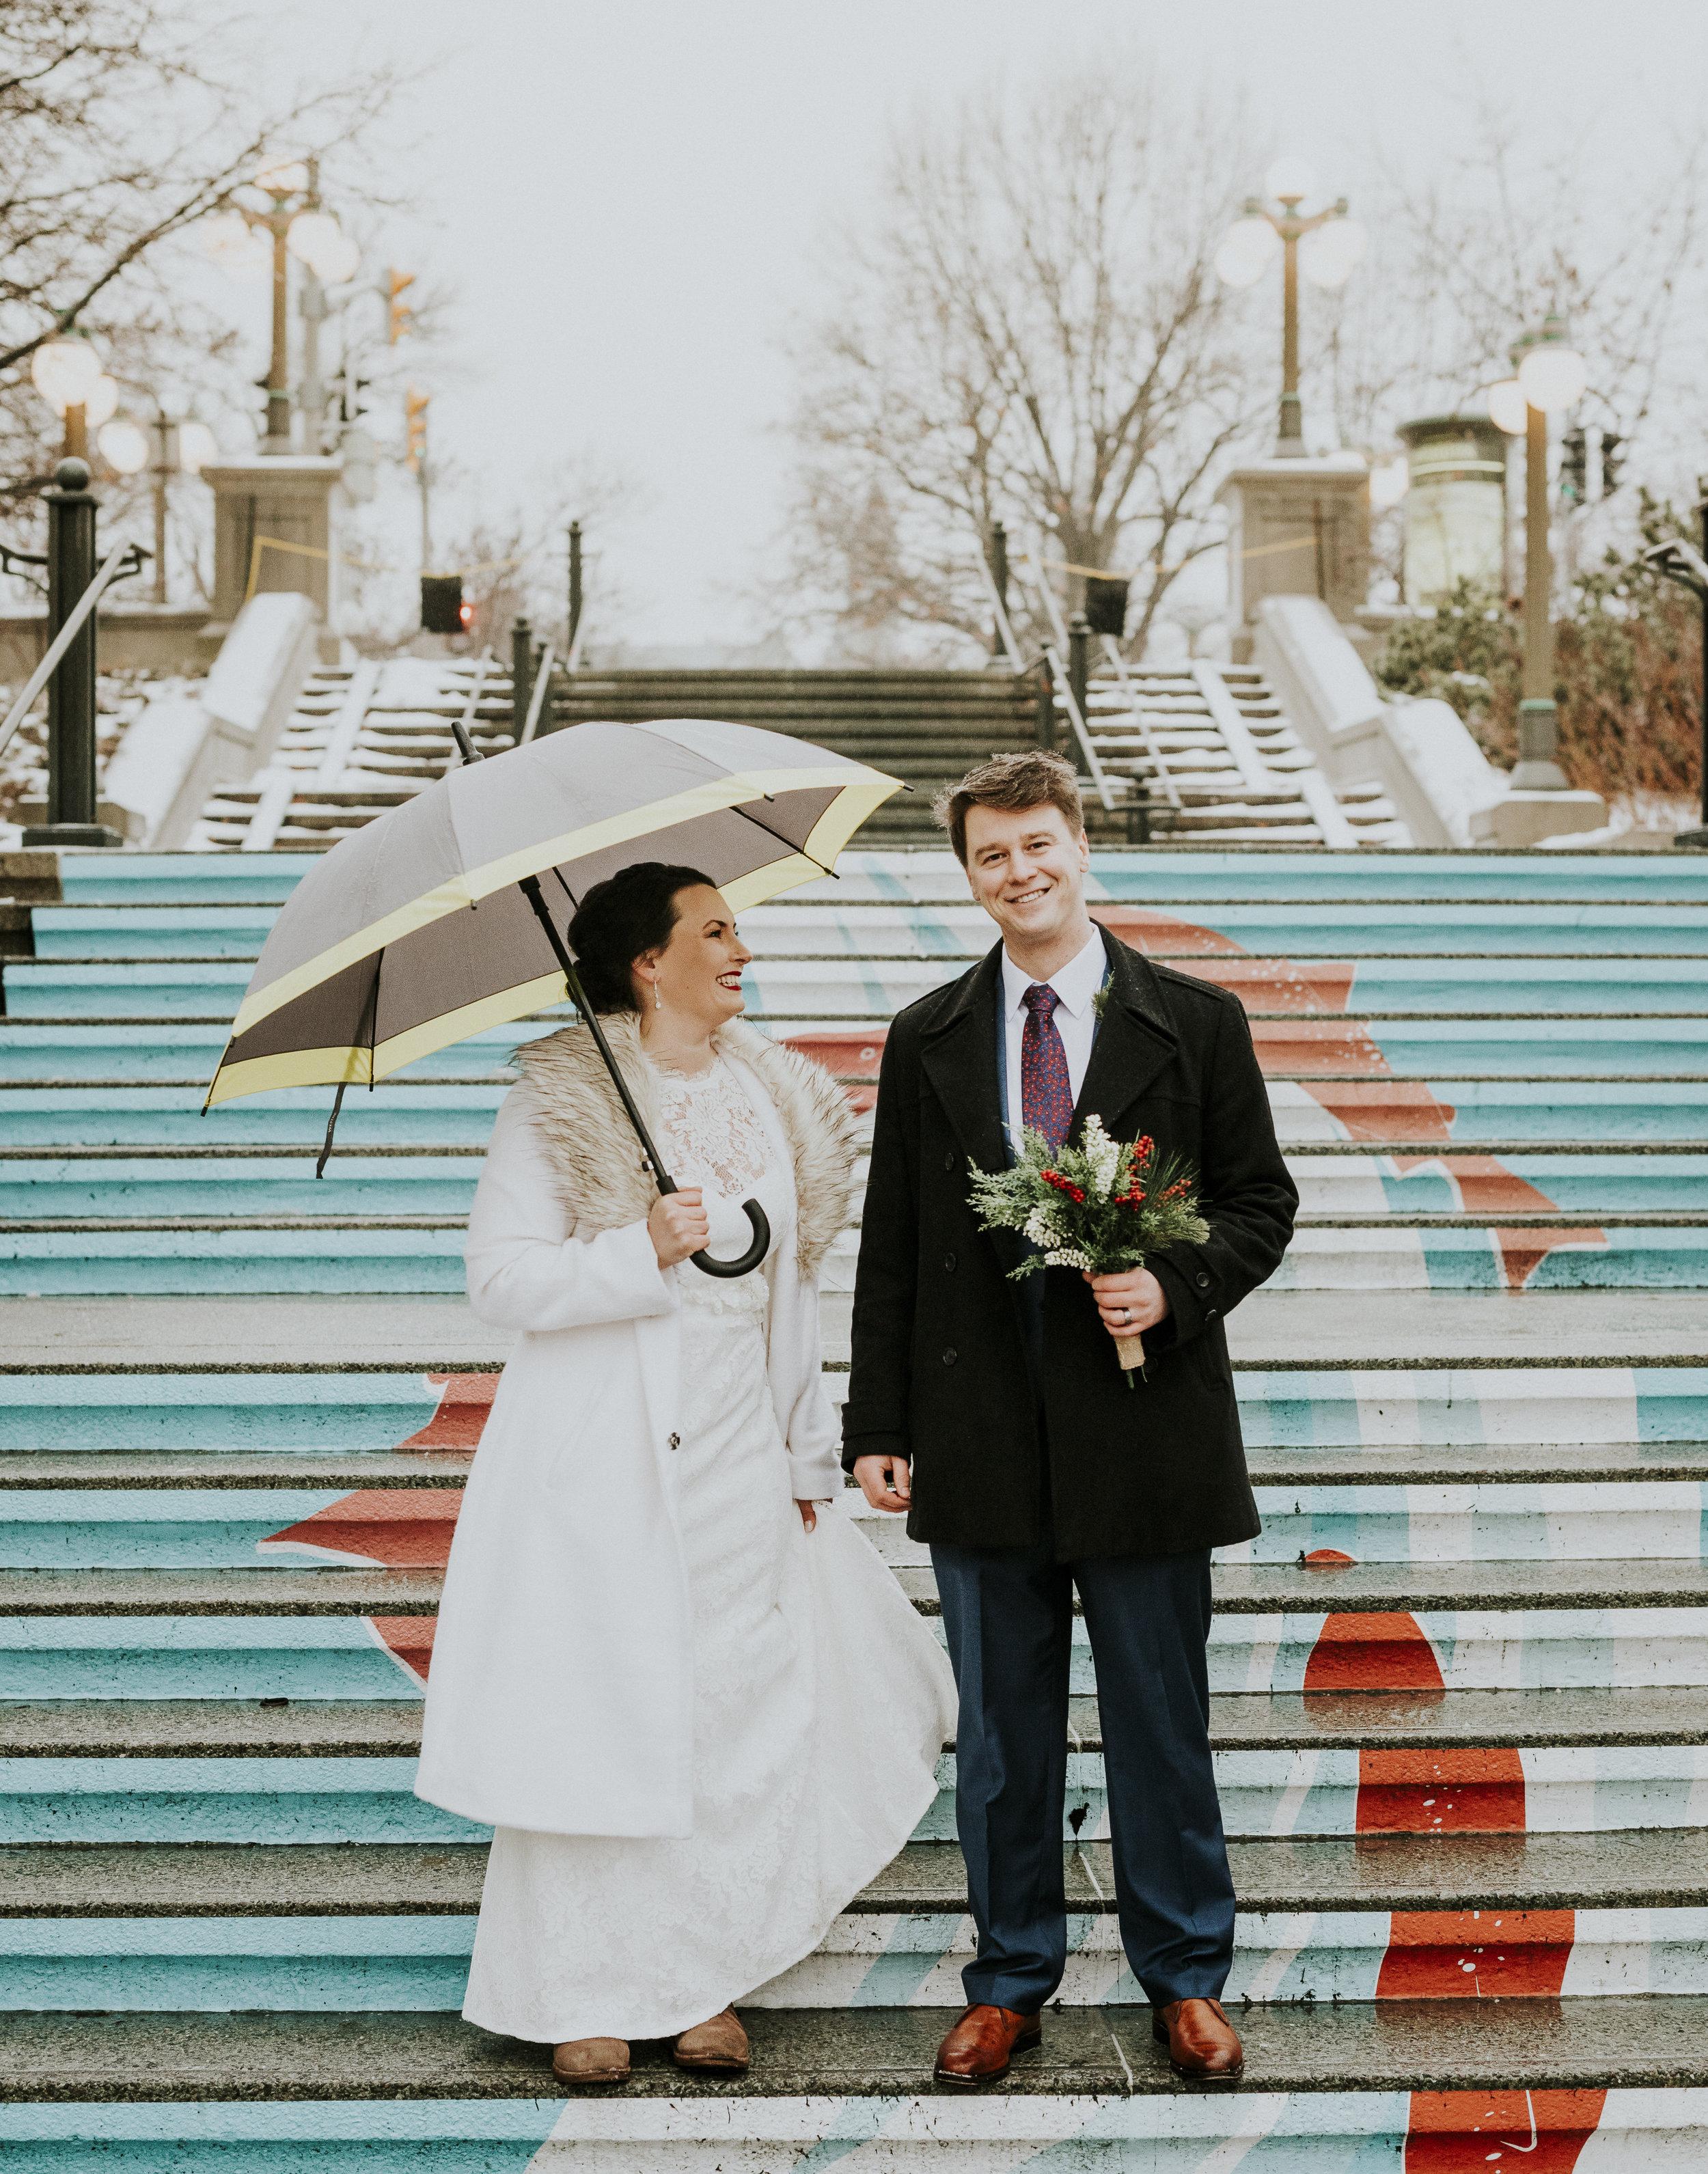 001_Bride + Groom Portraits-052.jpg